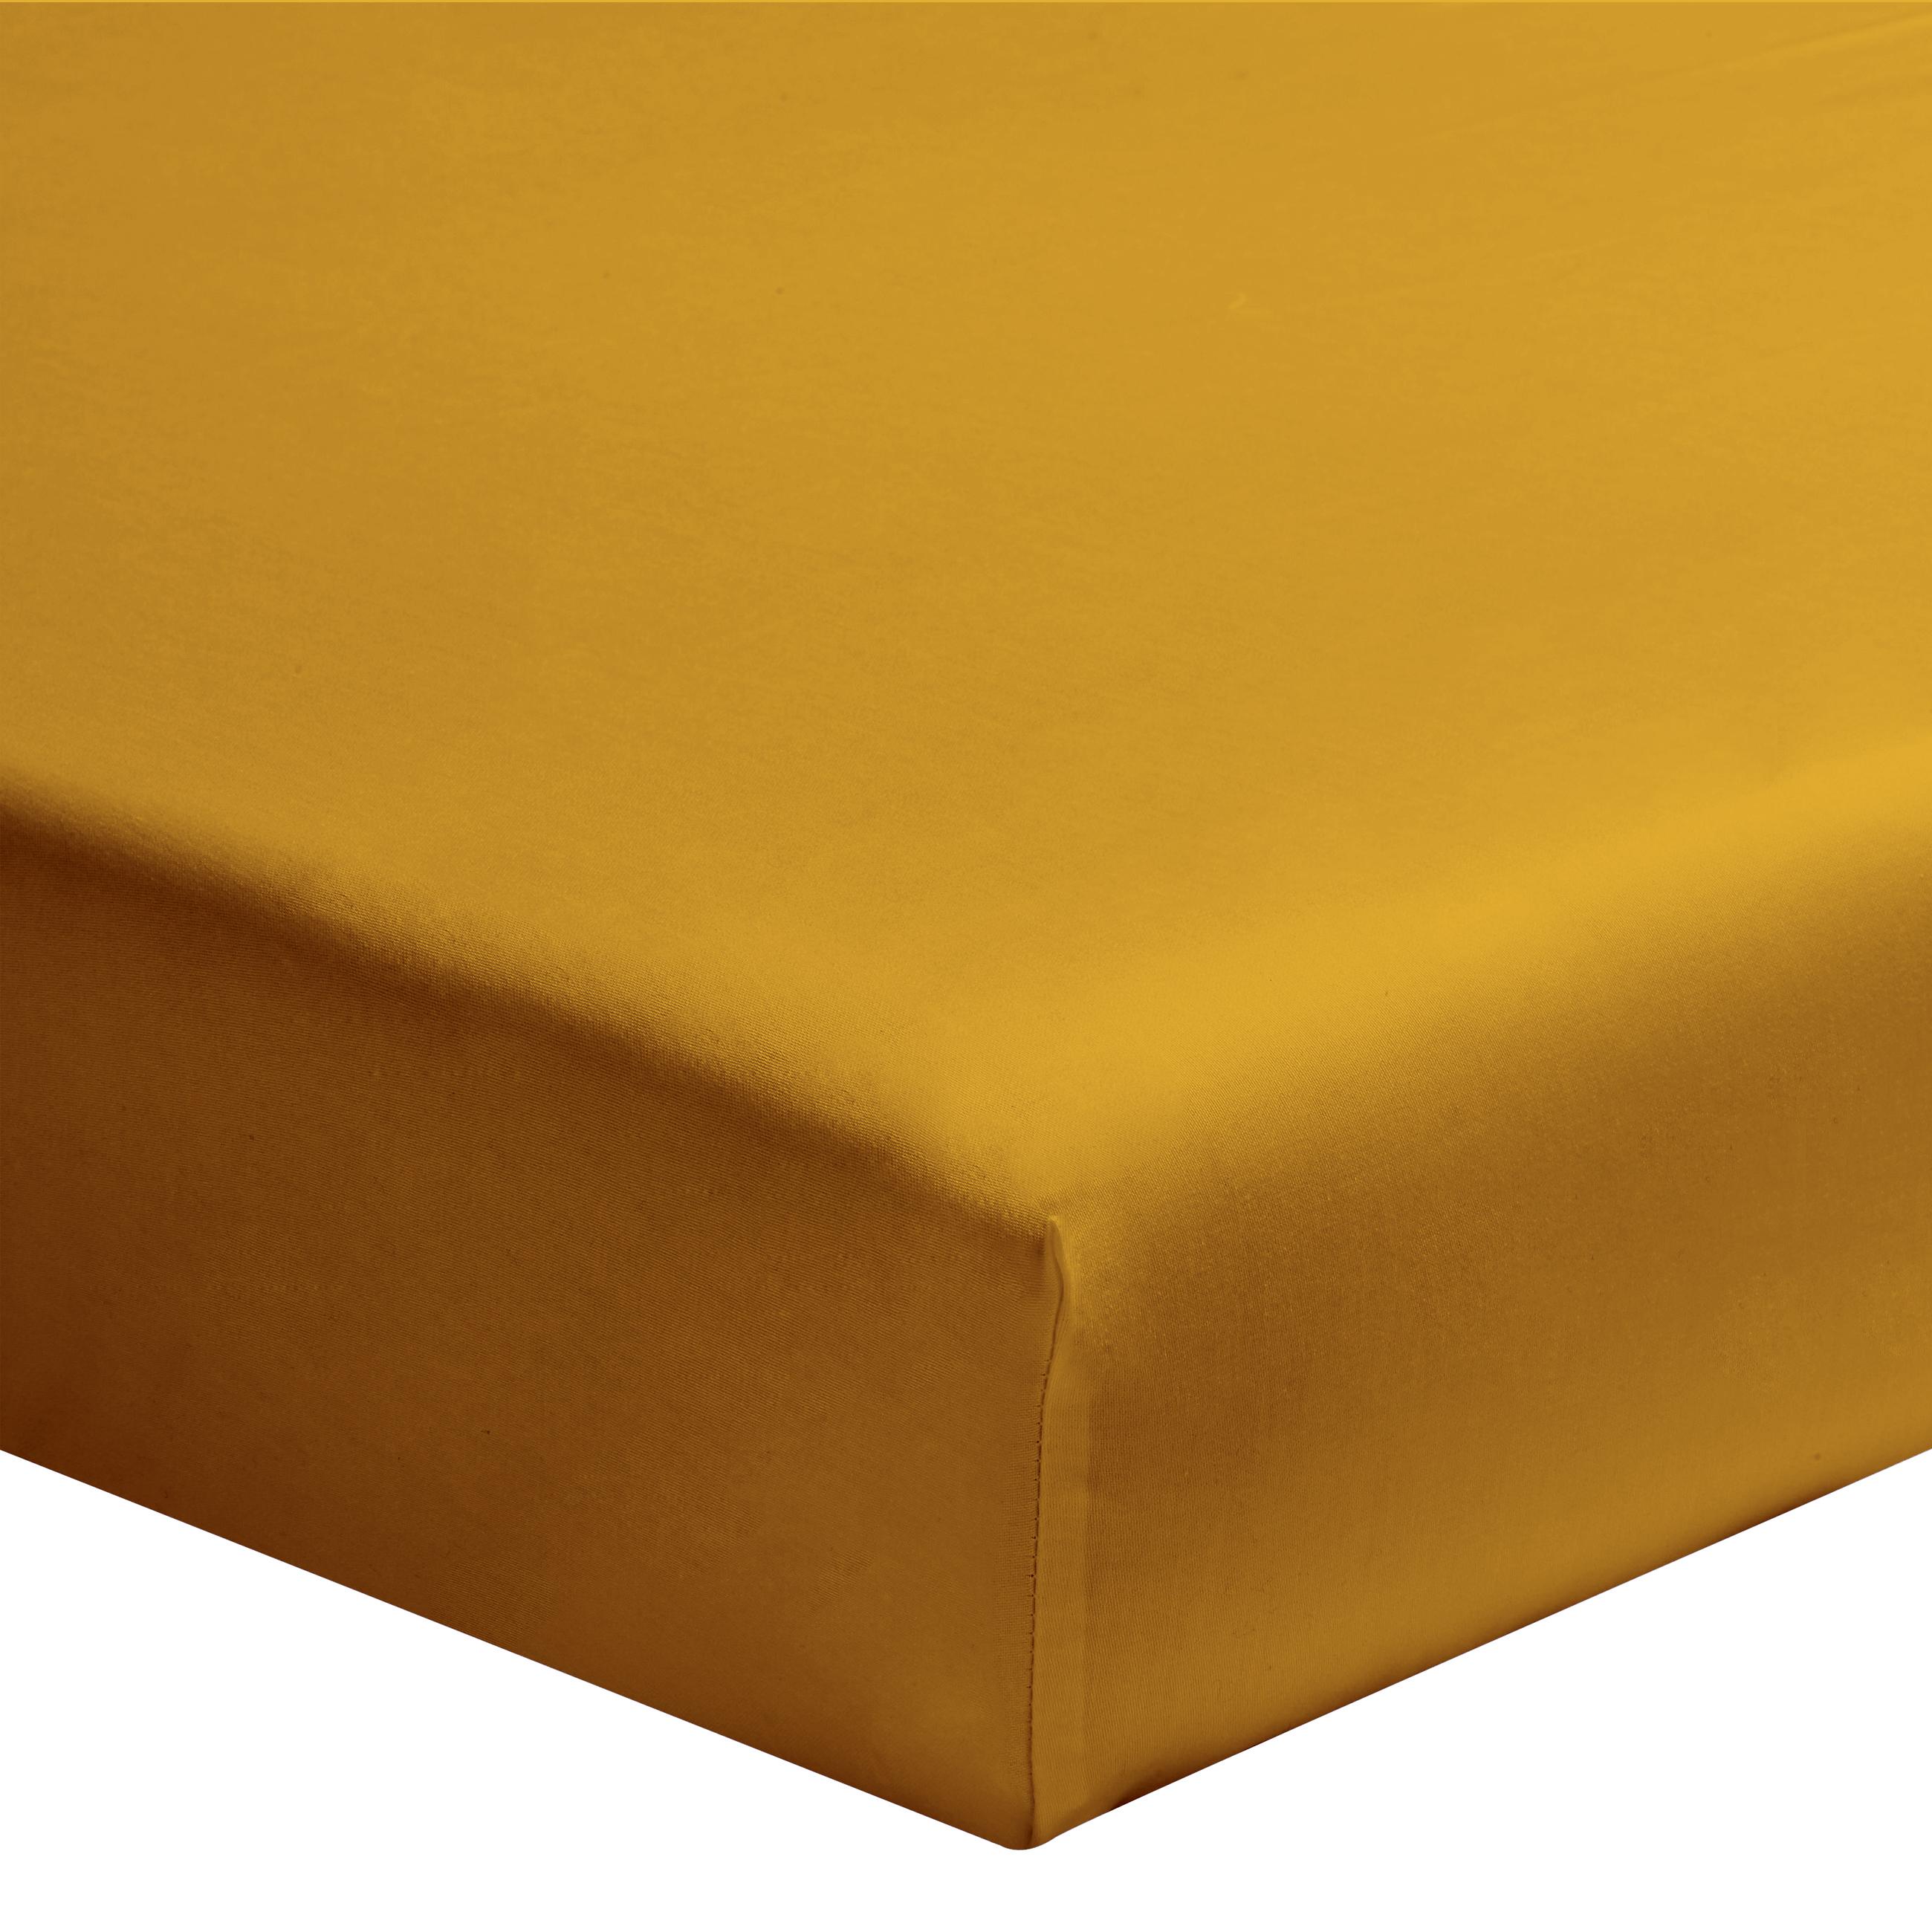 Drap housse uni en coton jaune curry 80x200